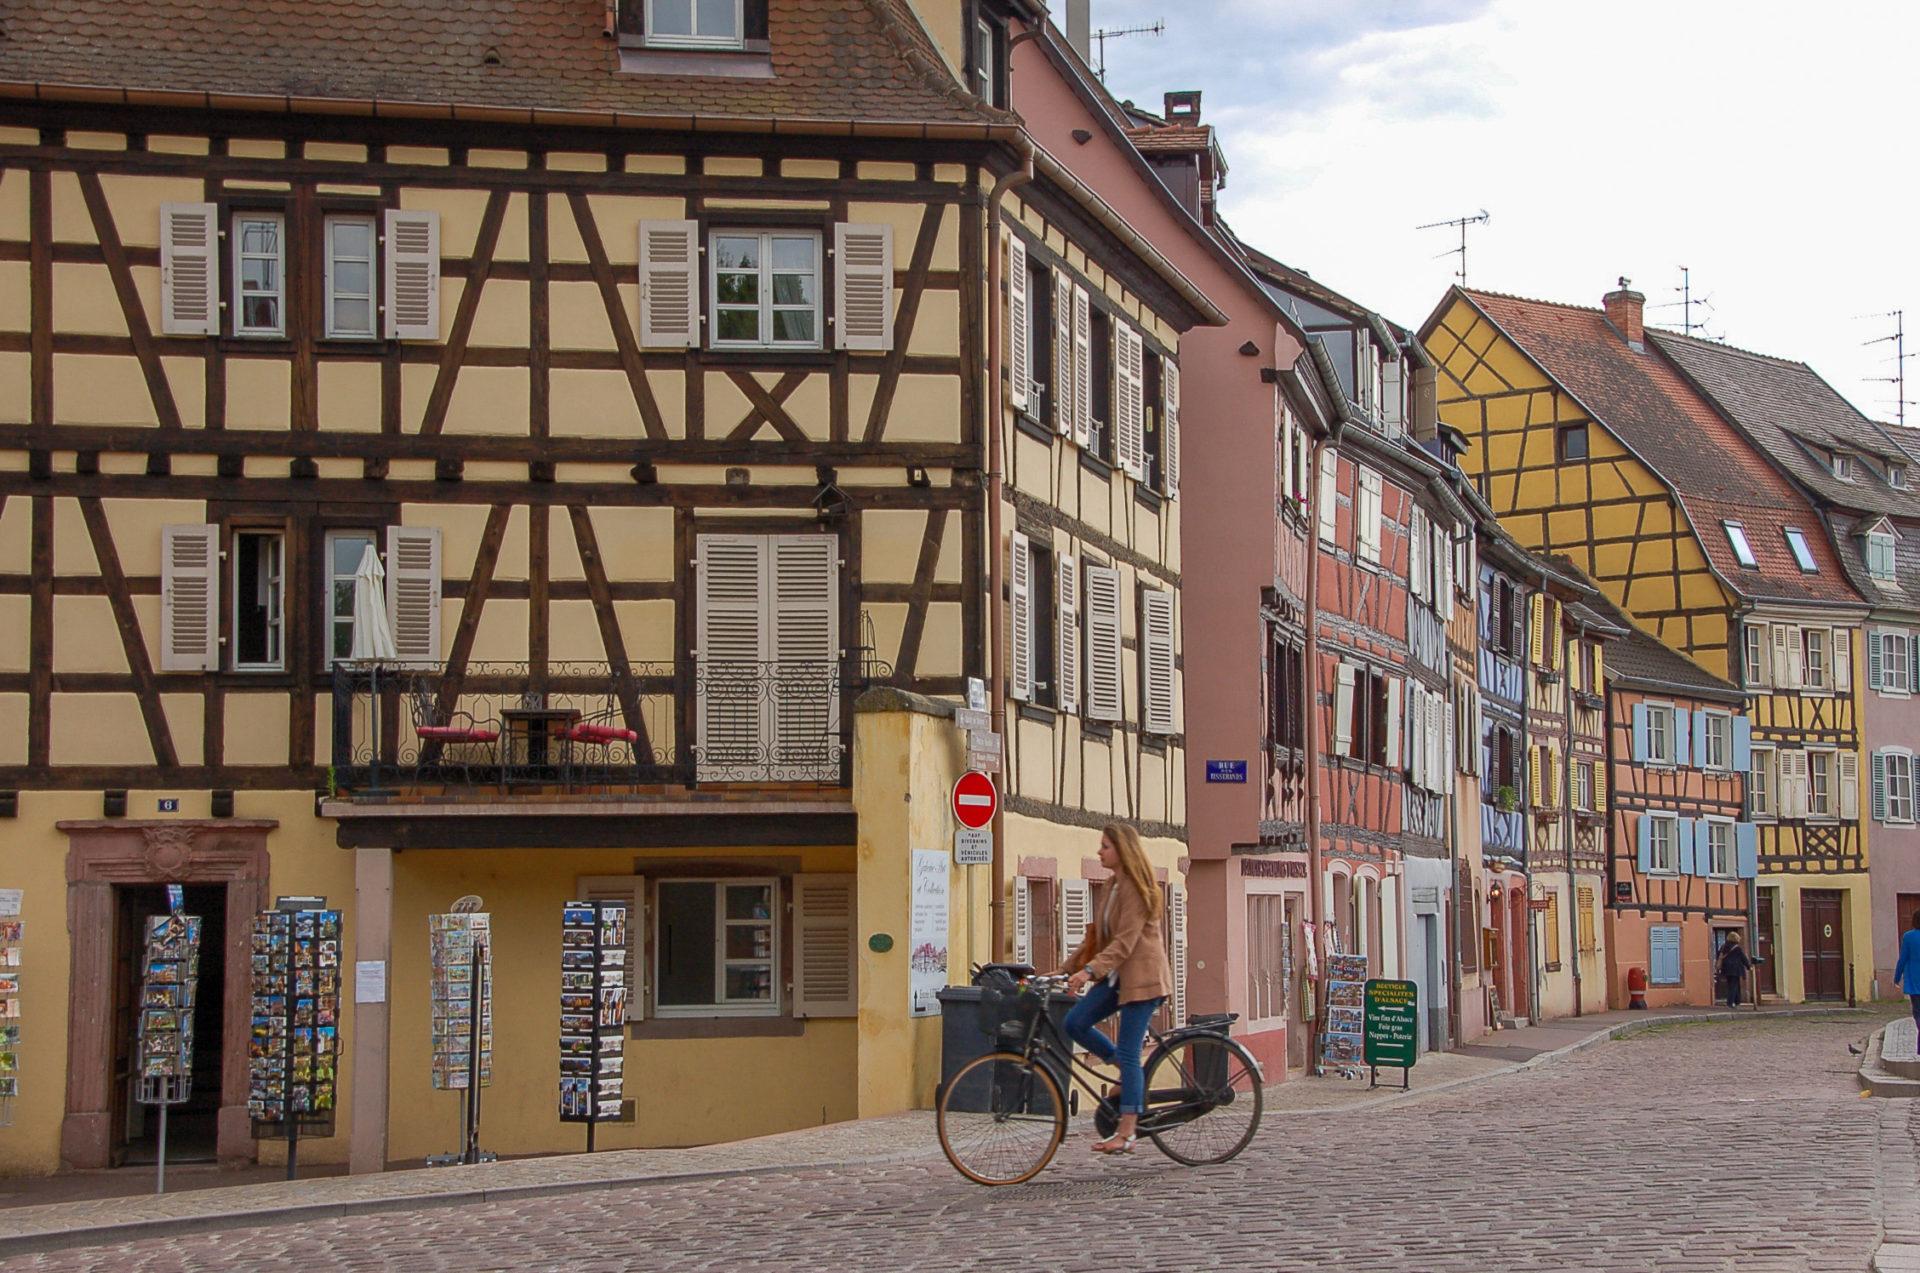 Frau auf Fahrrad vor Häusern mit Fachwerk in Colmar im Elsass